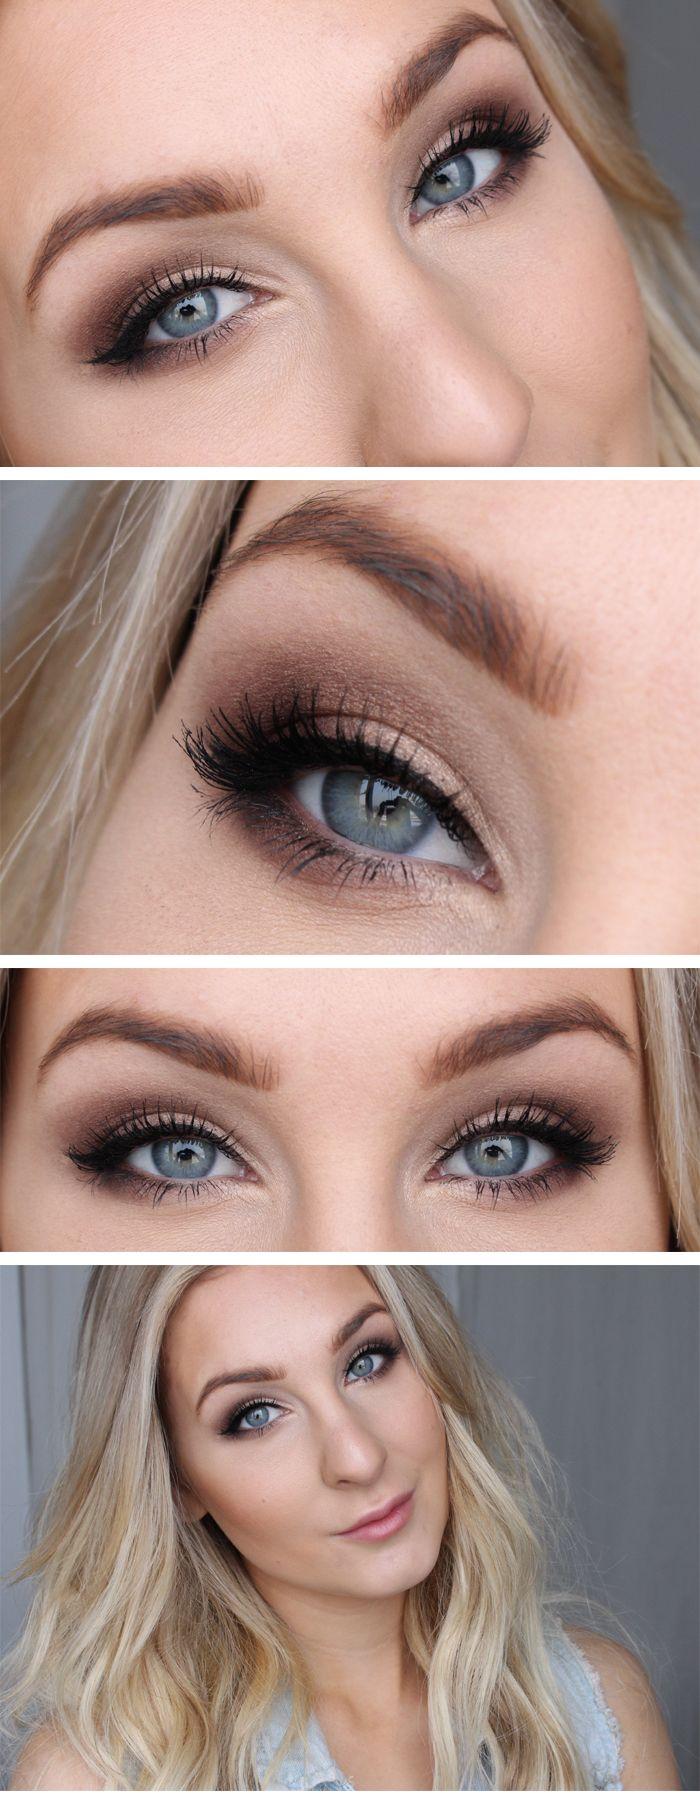 Nybörjare och vill lära dig hur man gör en ögonmakeup så att det ser proffsigt ut? Nu finns äntligen denna video som riktar sig till dig som vill lära dig lite grundligare om ögonmakeup + tips &...